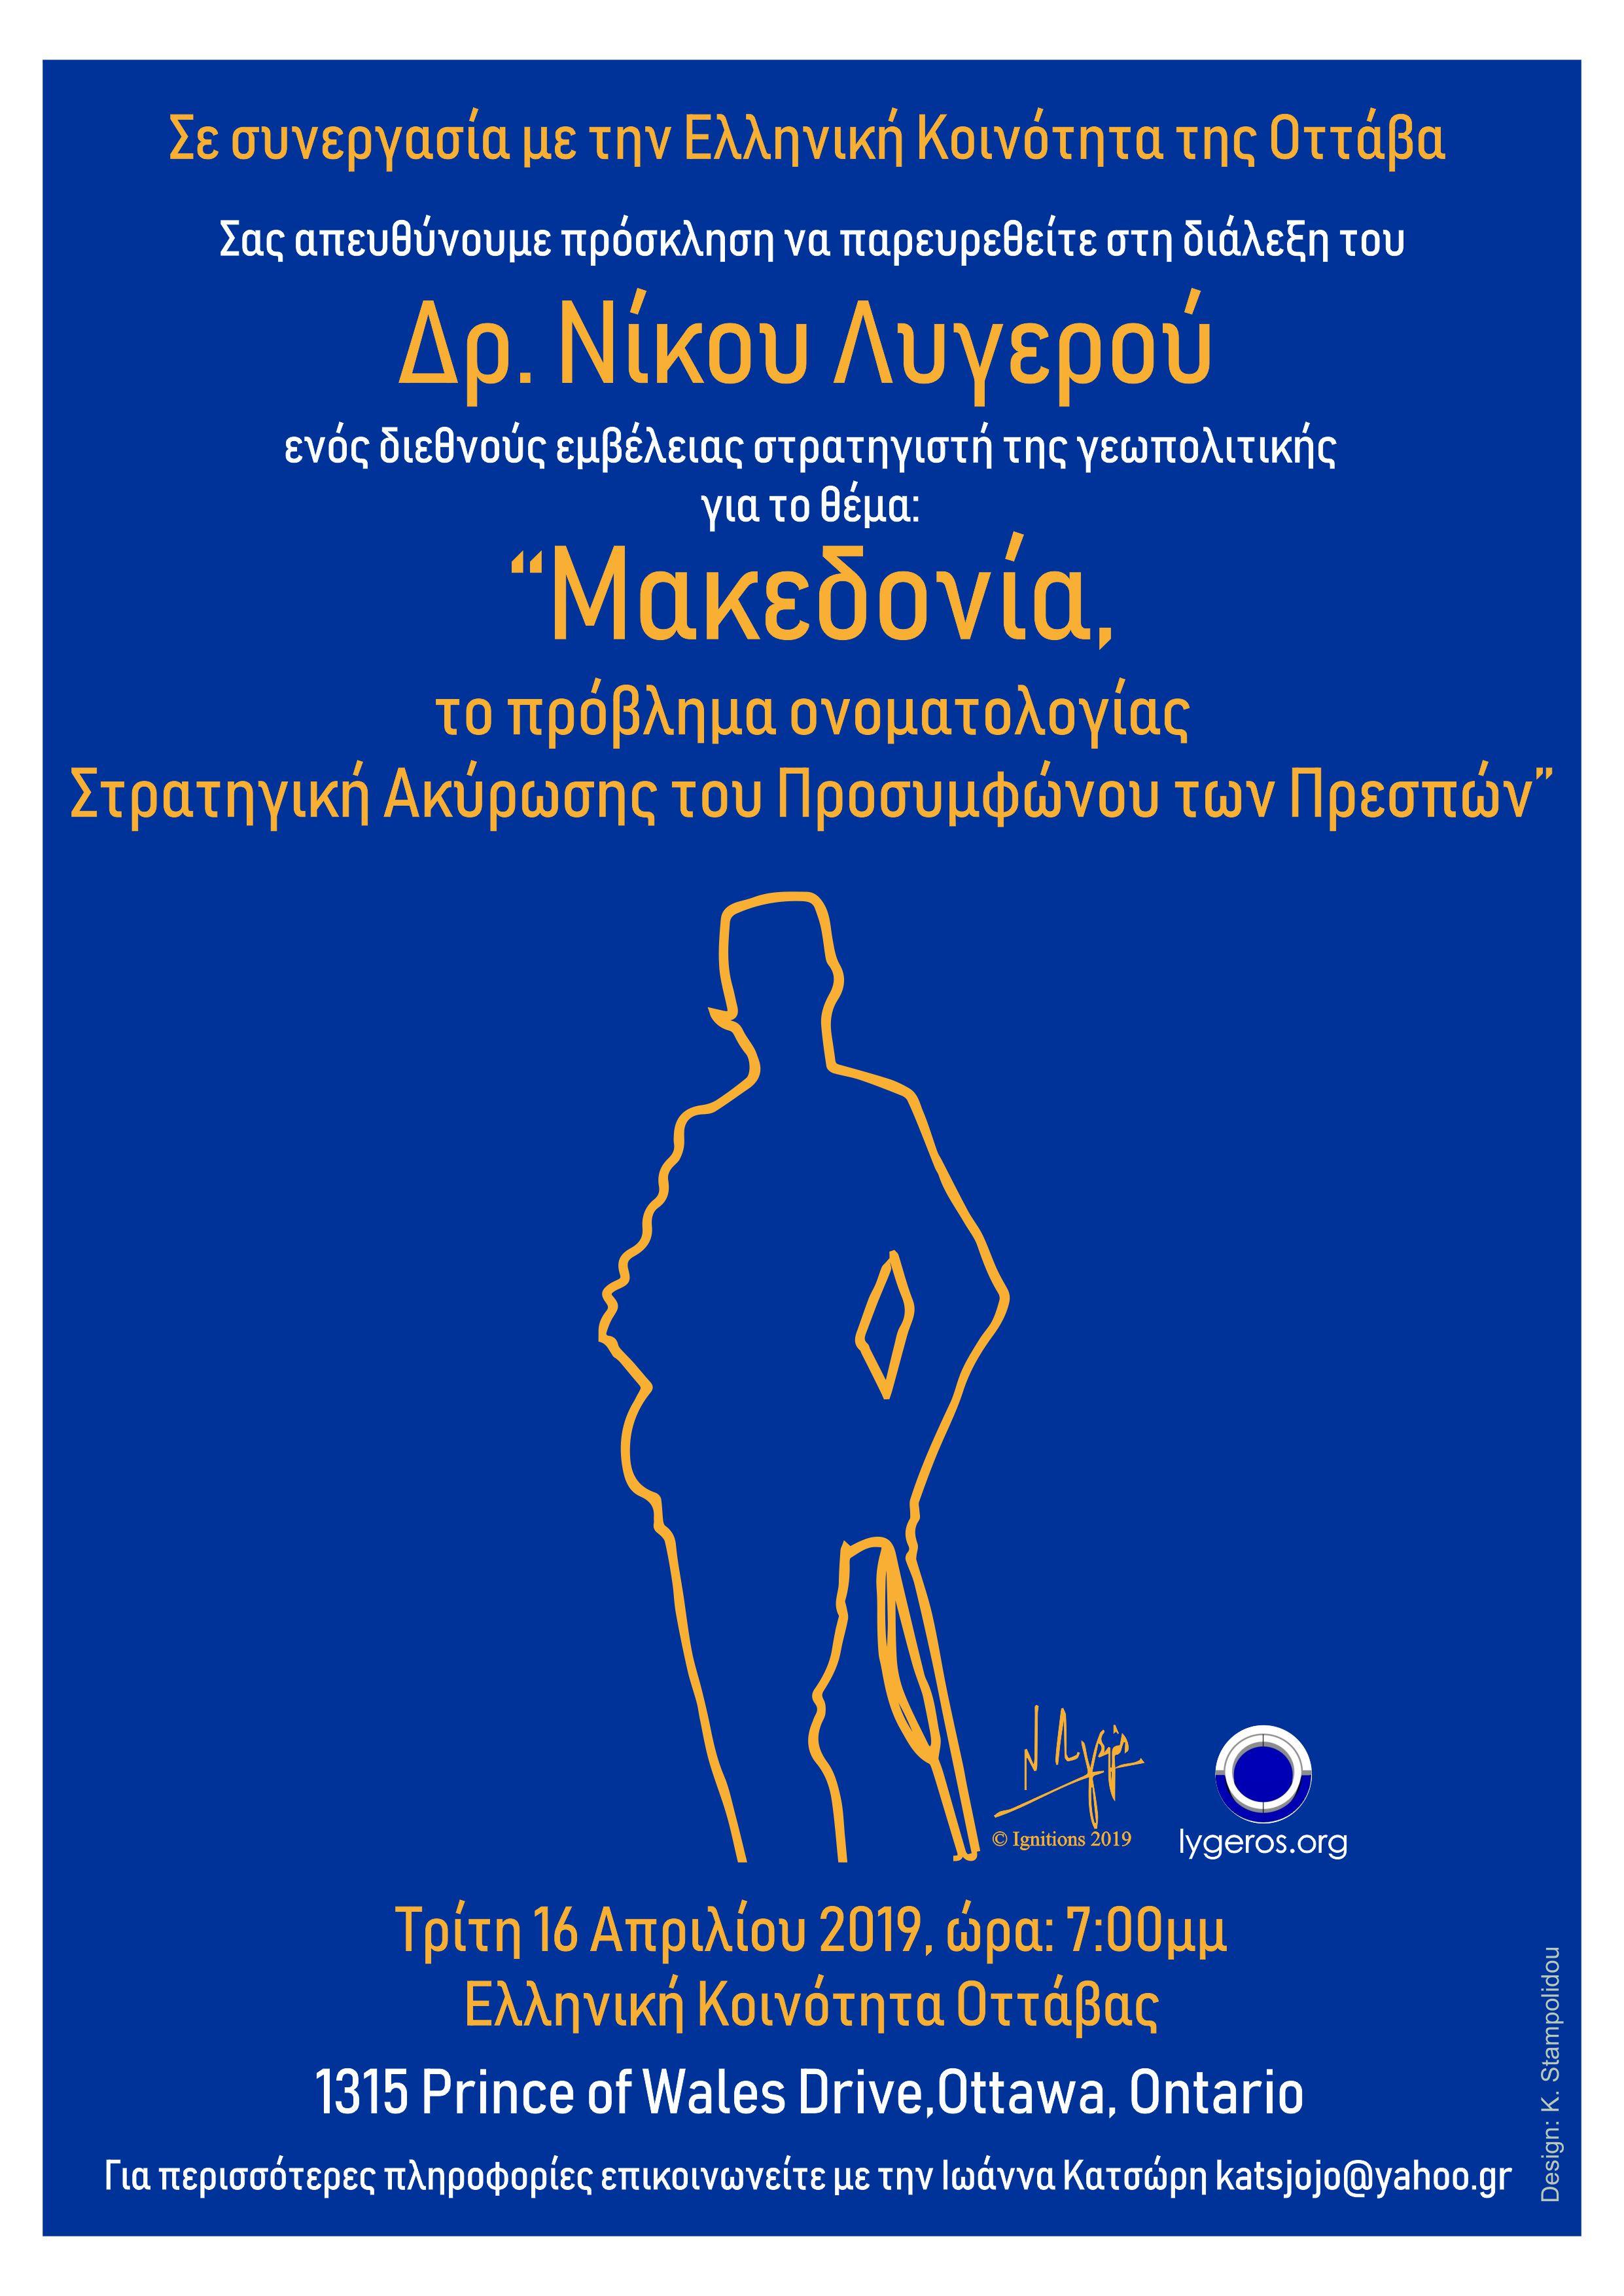 Διάλεξη: Μακεδονία, το πρόβλημα ονοματολογία - Στρατηγική Ακύρωσης του Προσυμφώνου των Πρεσπών